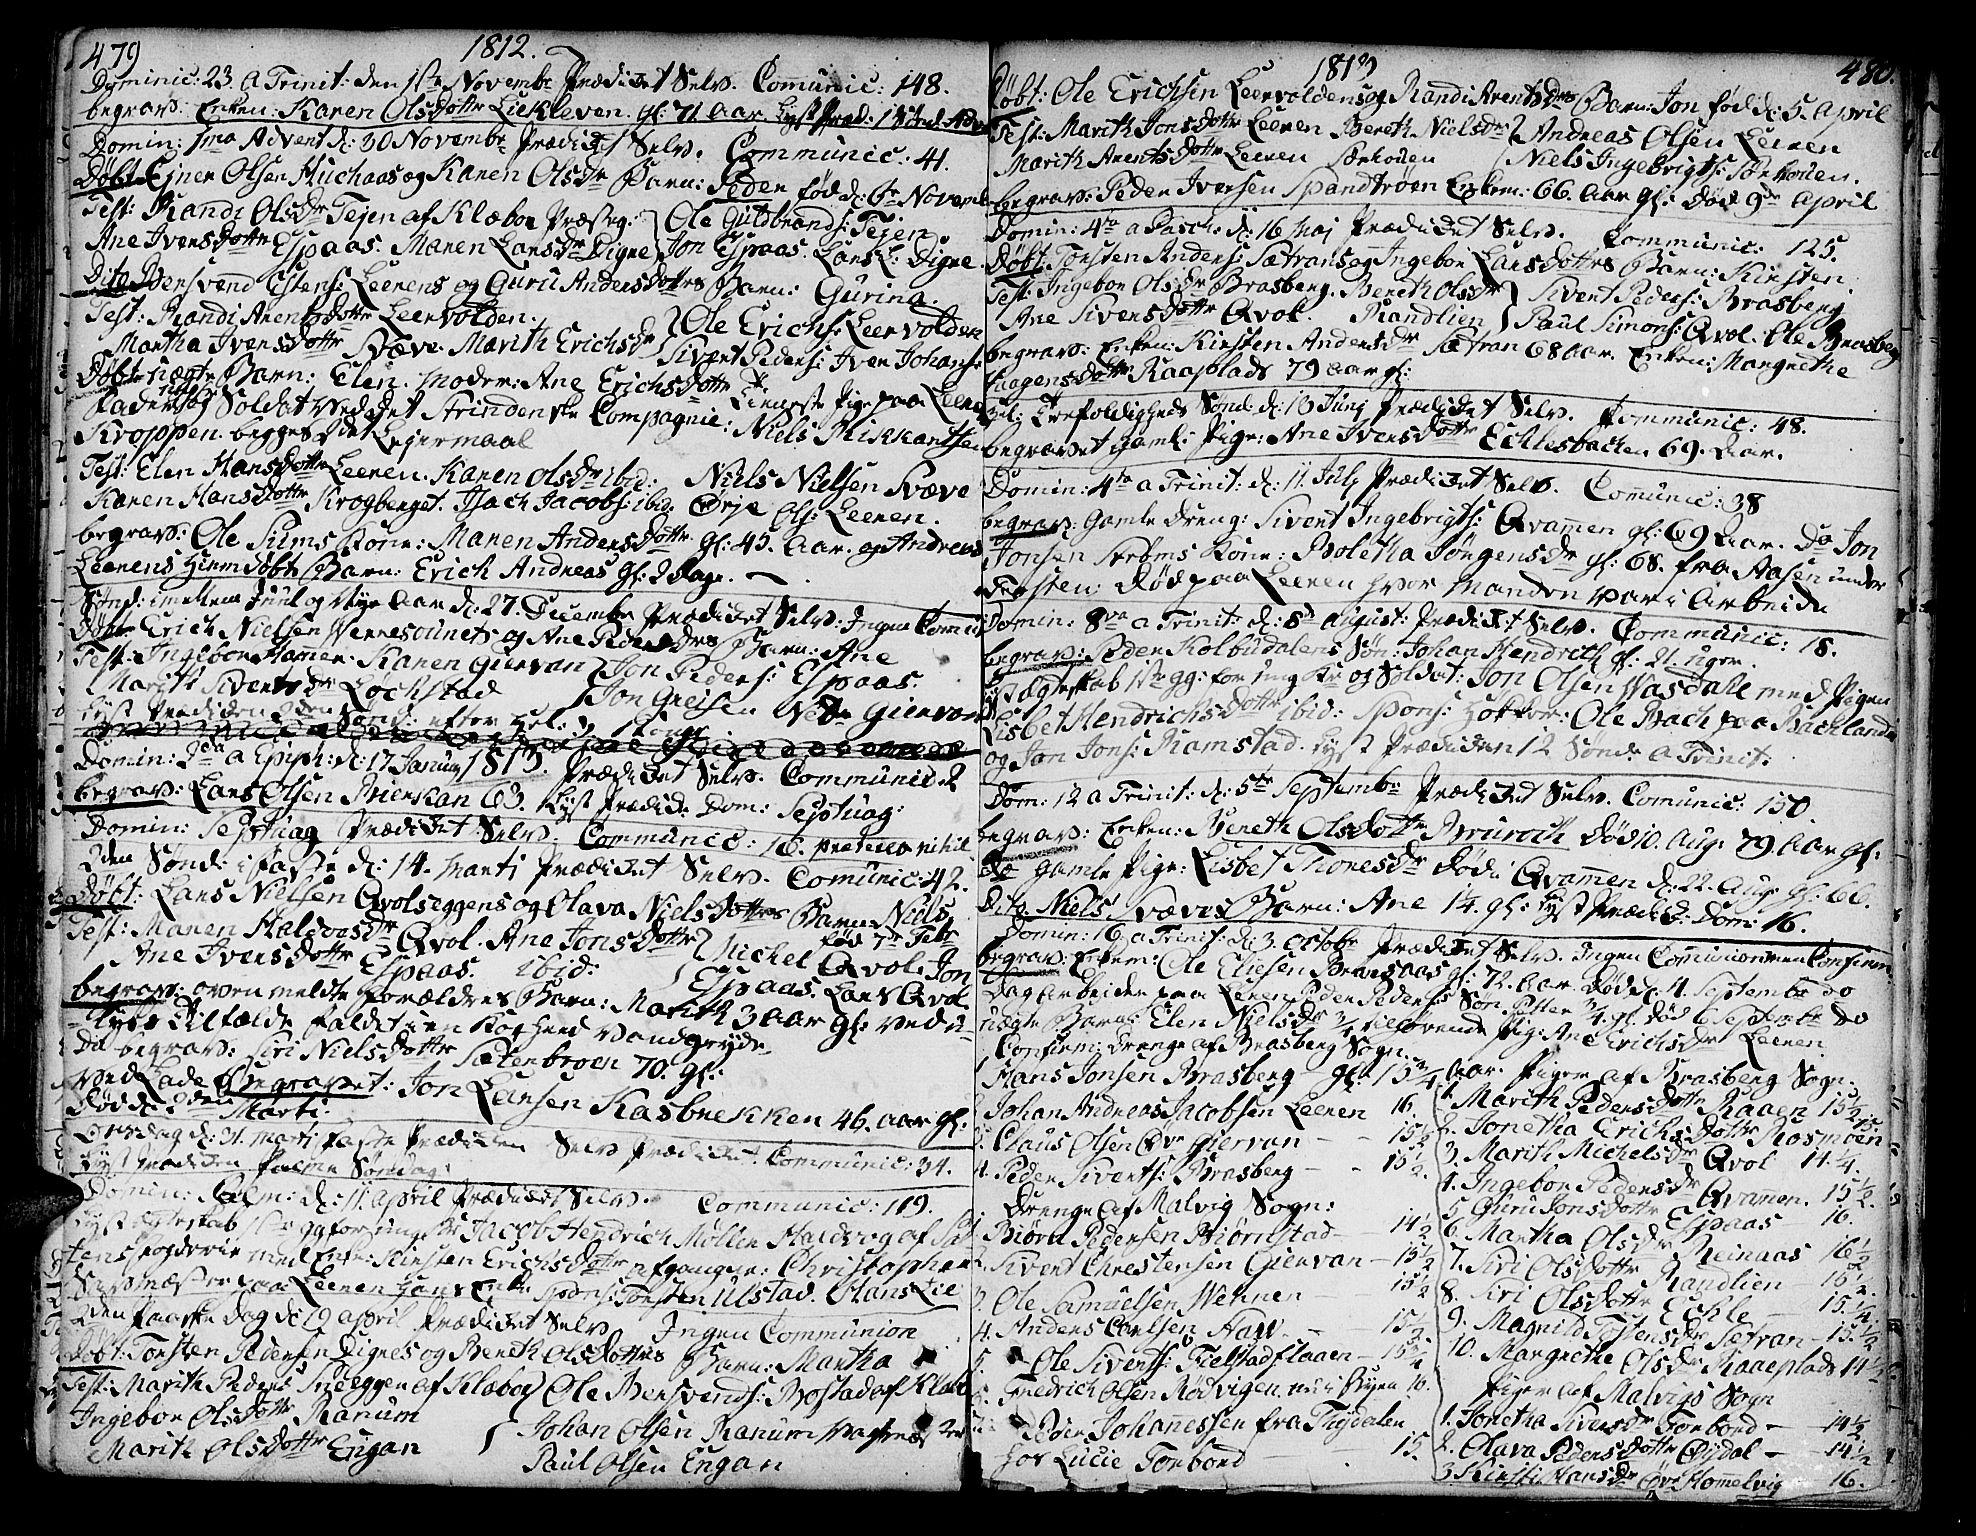 SAT, Ministerialprotokoller, klokkerbøker og fødselsregistre - Sør-Trøndelag, 606/L0282: Ministerialbok nr. 606A02 /3, 1781-1817, s. 479-480